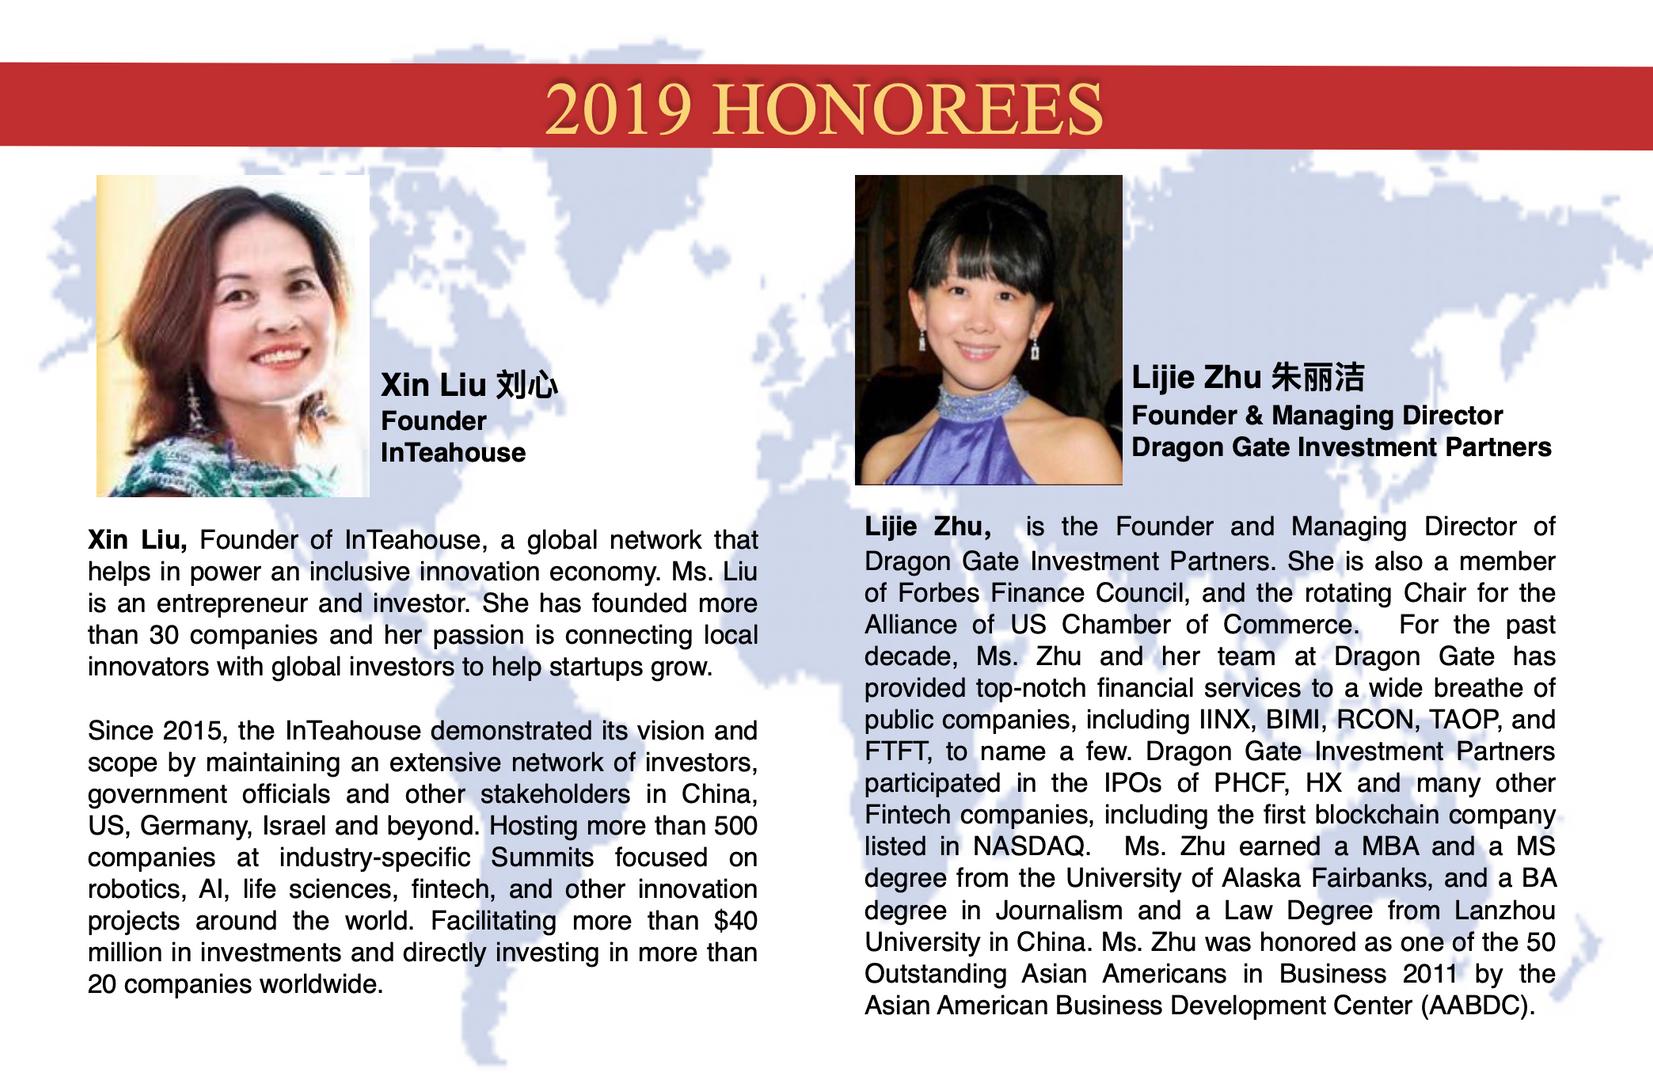 Xin Liu and Lijie Zhu